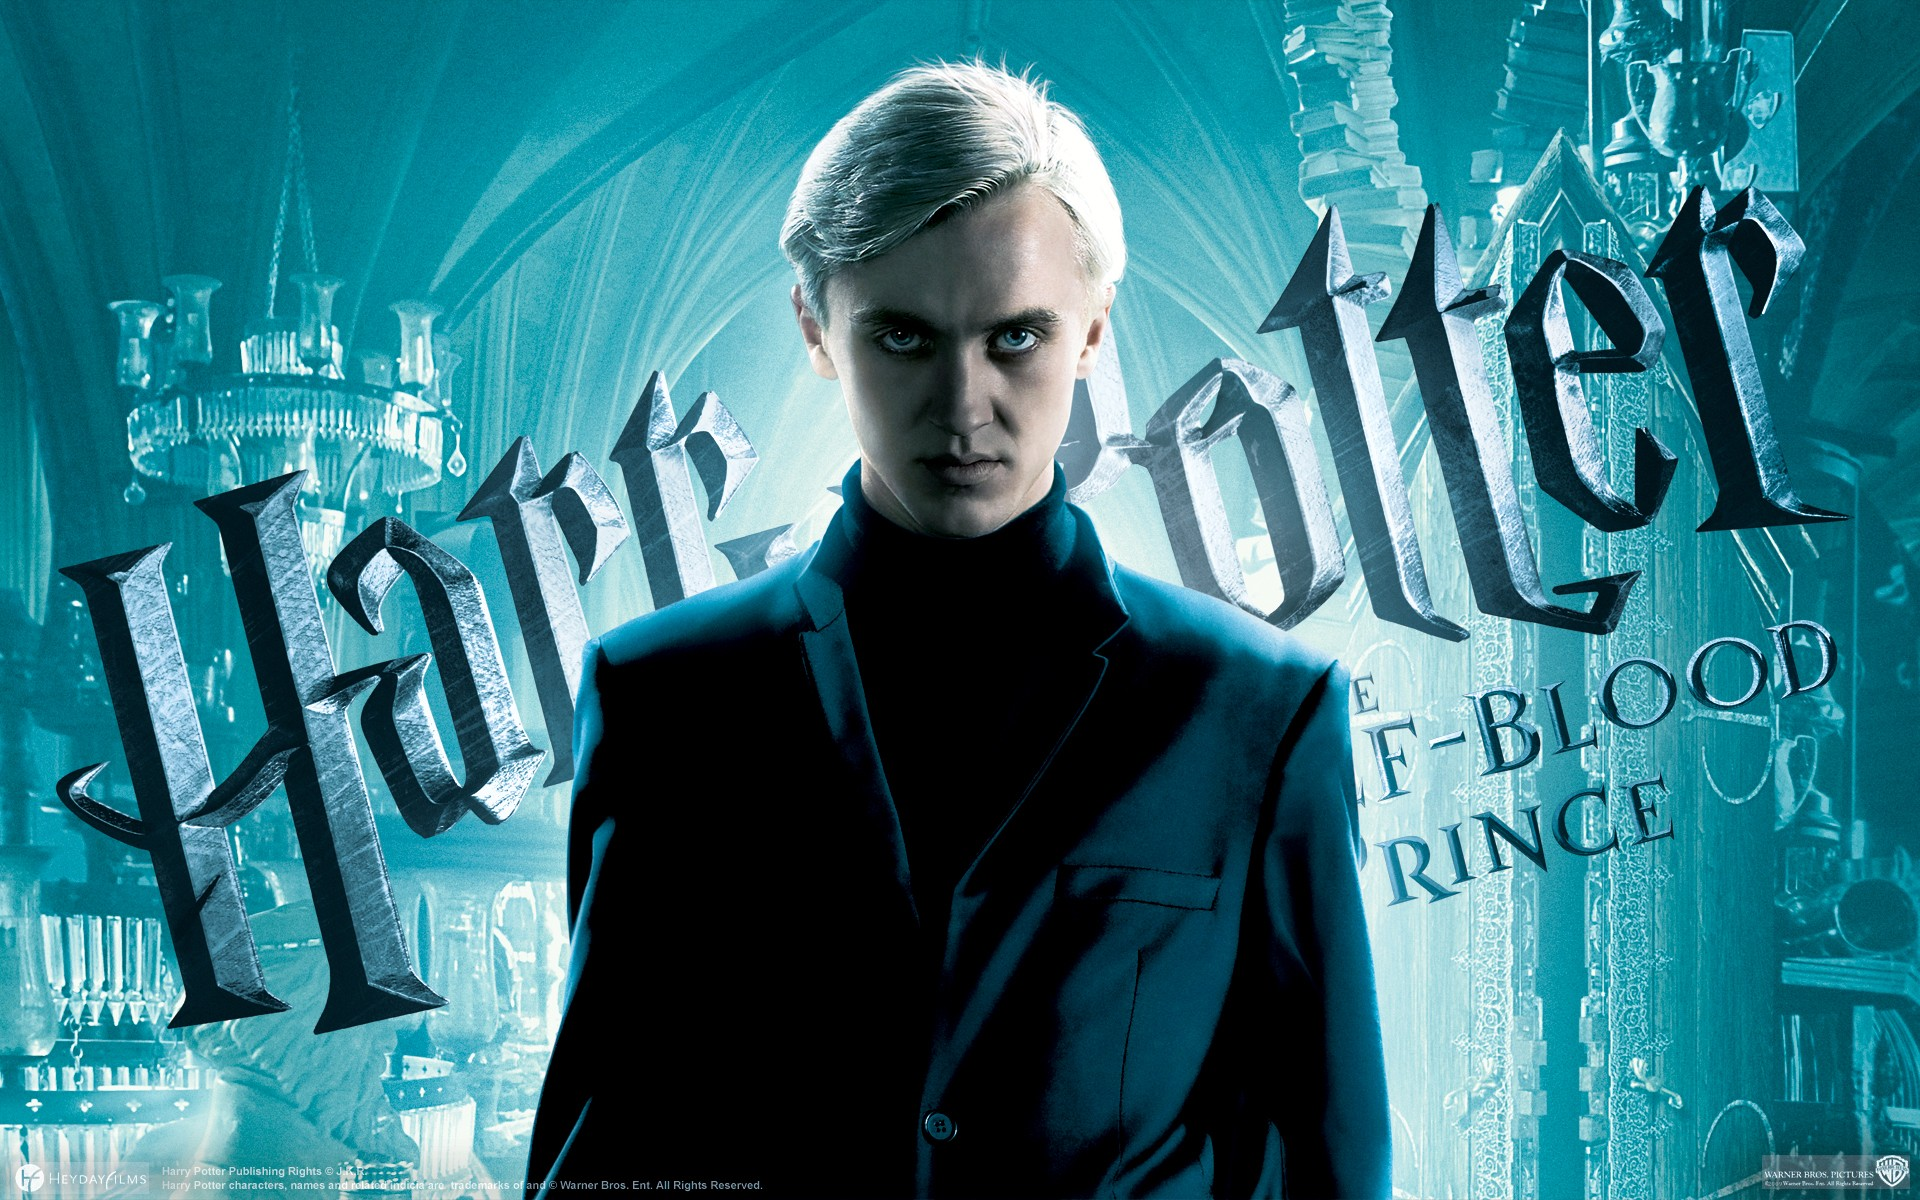 Un wallpaper ufficiale di Tom Felton per Harry Potter e il Principe Mezzosangue